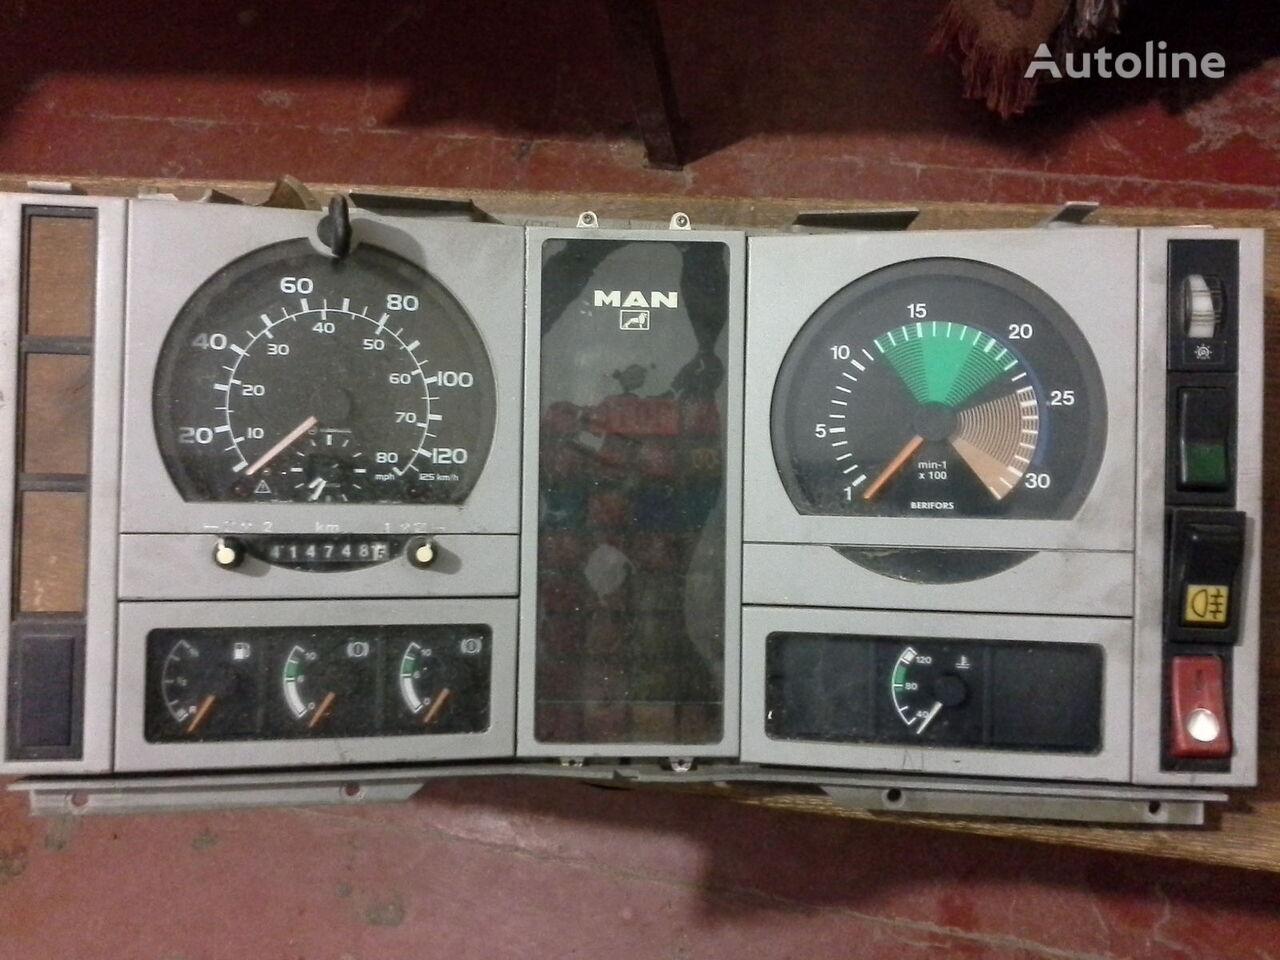 Spidometr  Tahometr originalni zapchasti kabini tachograph for MAN  L2000 Po zapchastyam truck